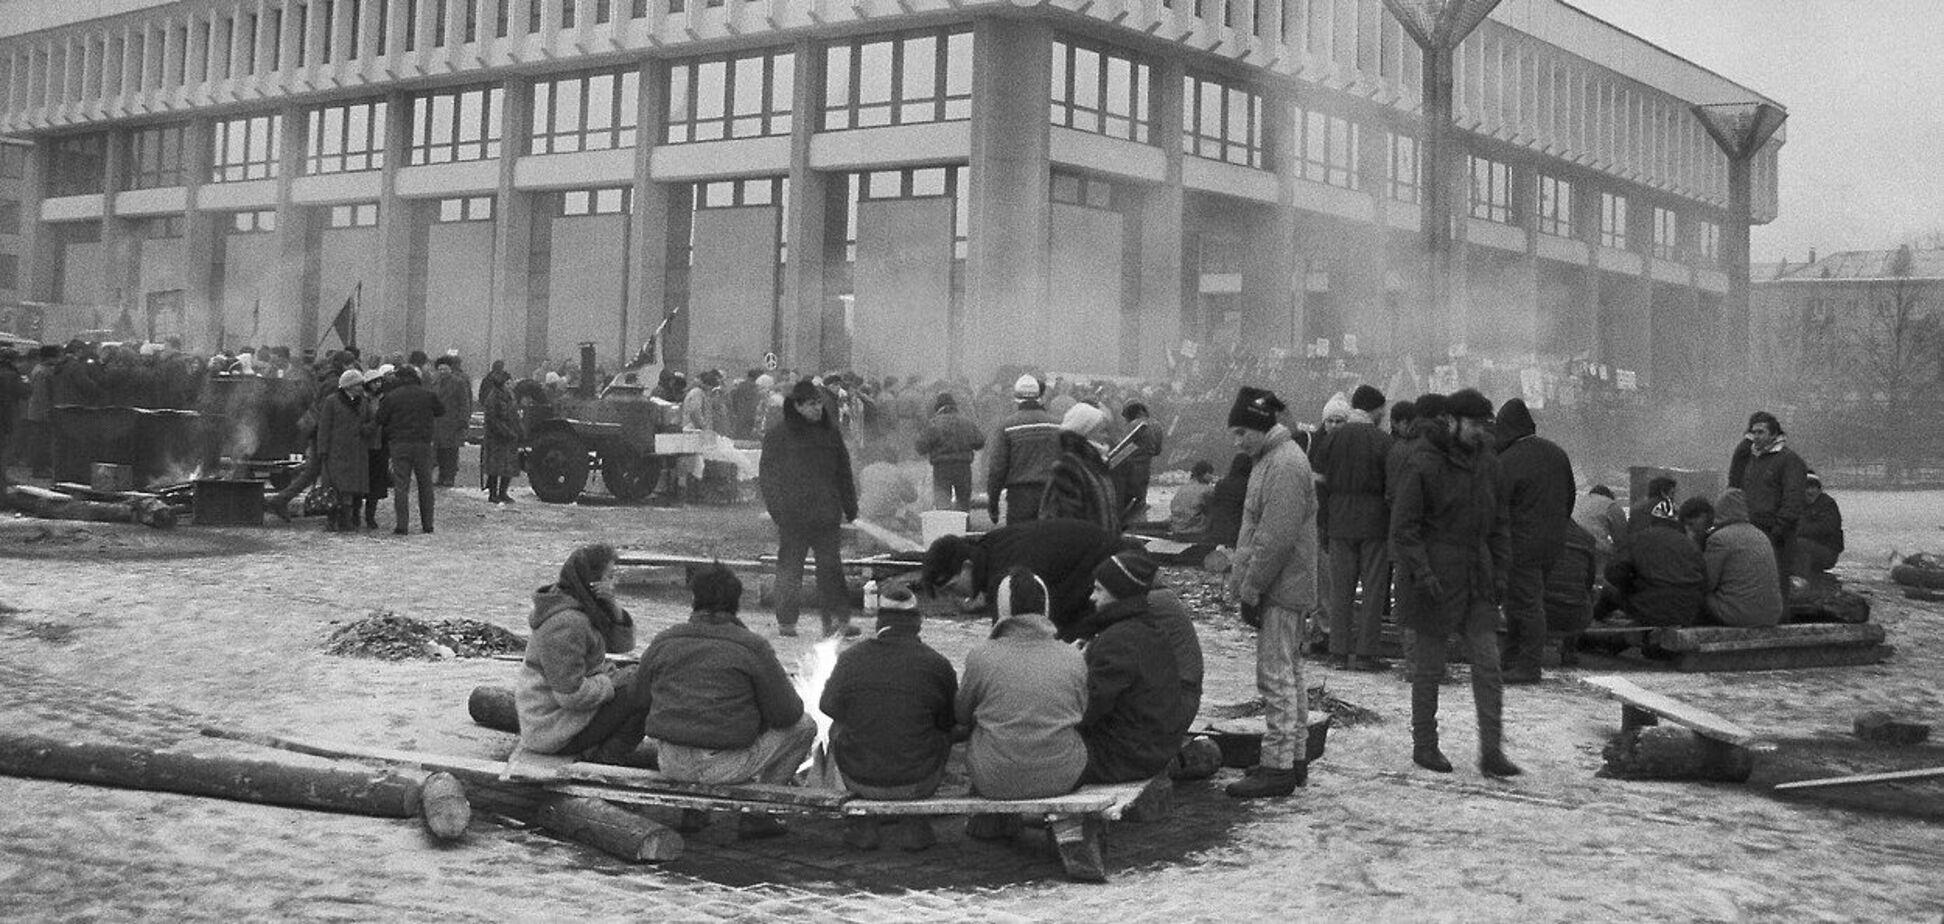 Радянські війська 30 років тому захопили телевежу і телецентр у Вільнюсі